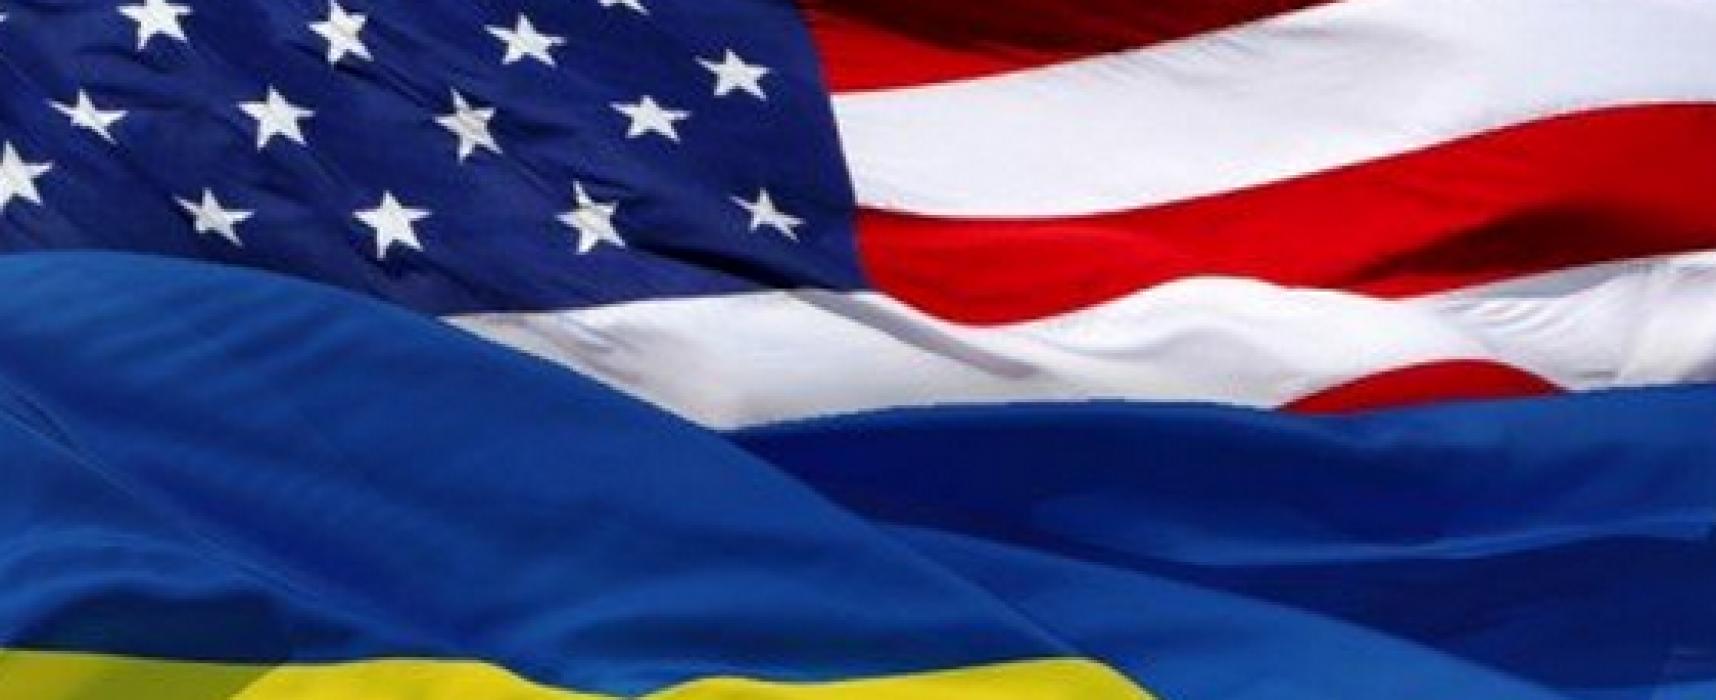 Фейк: Украина стала союзником США